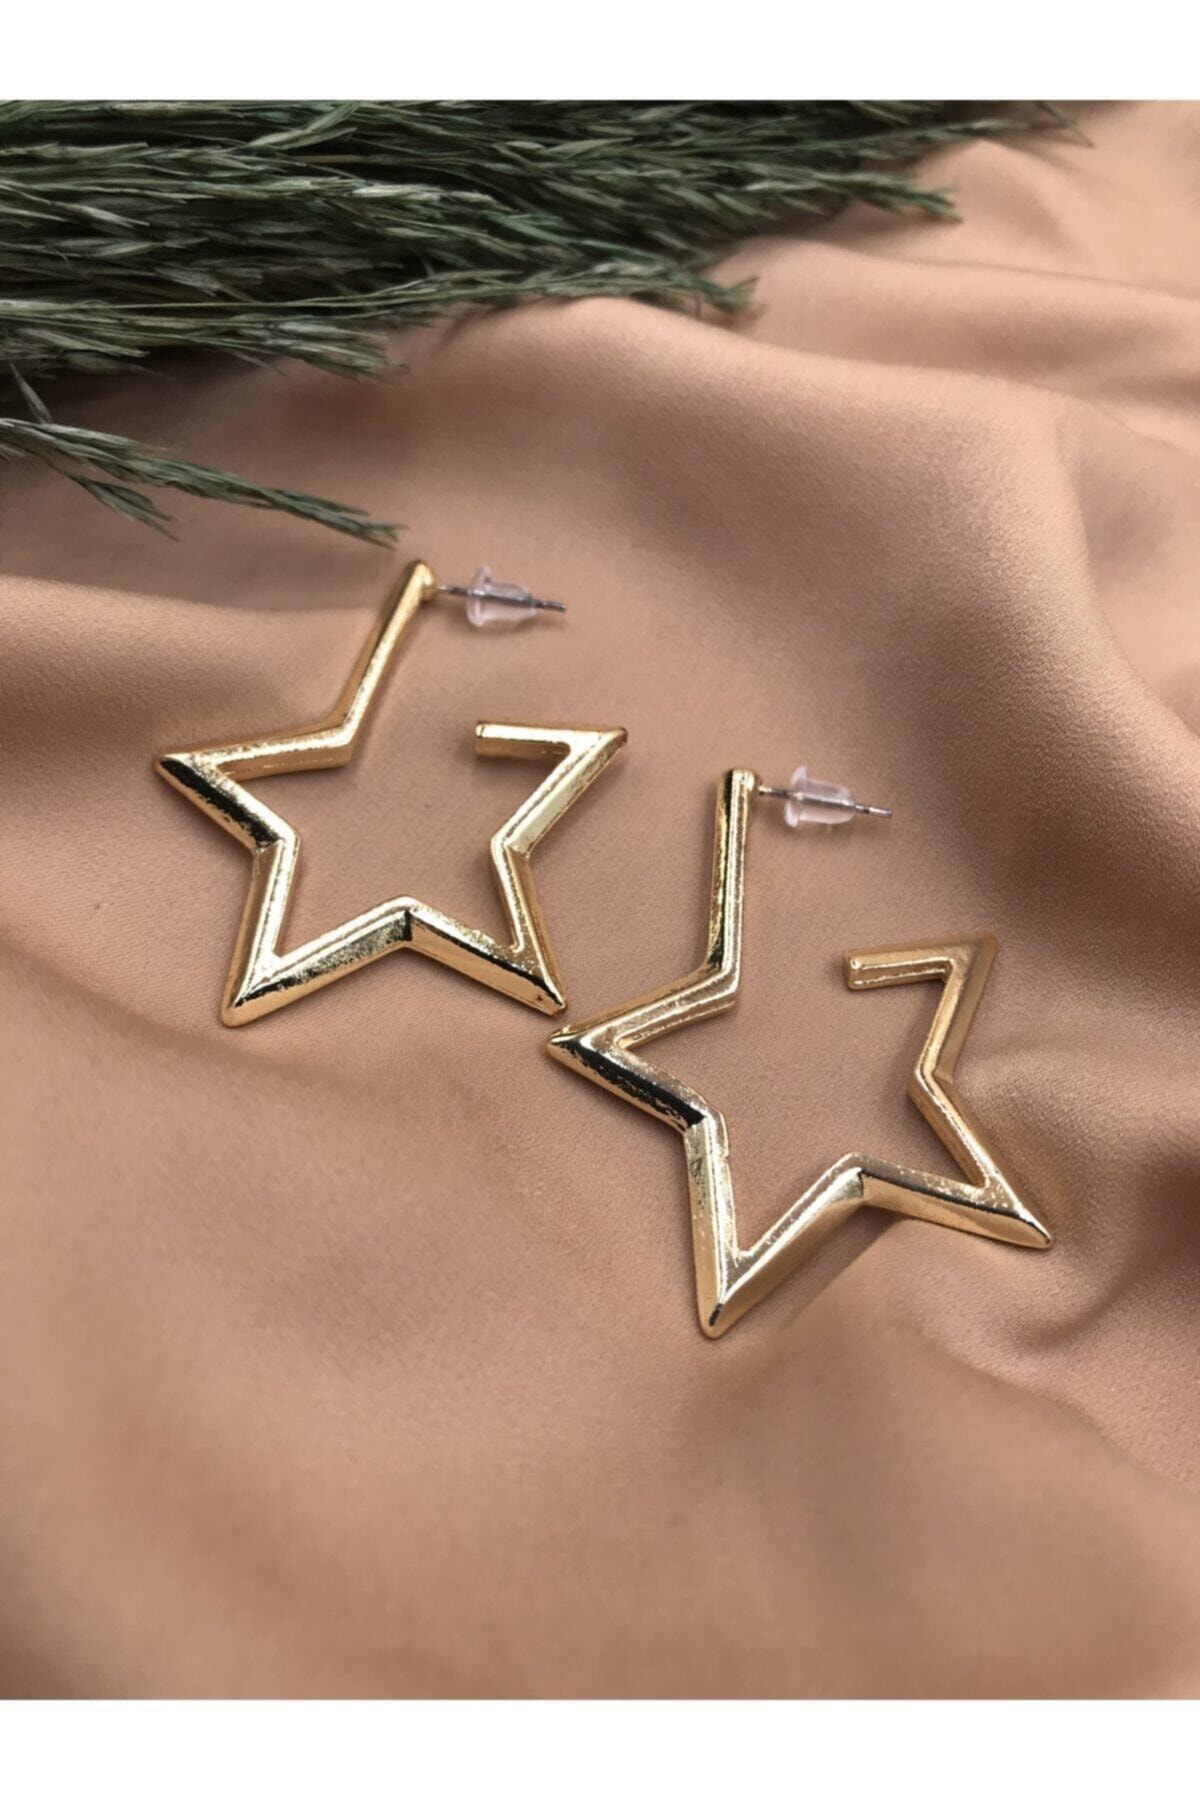 Eylülün Takısı Gold Renkli Yıldız Model Vintage Küpe 1